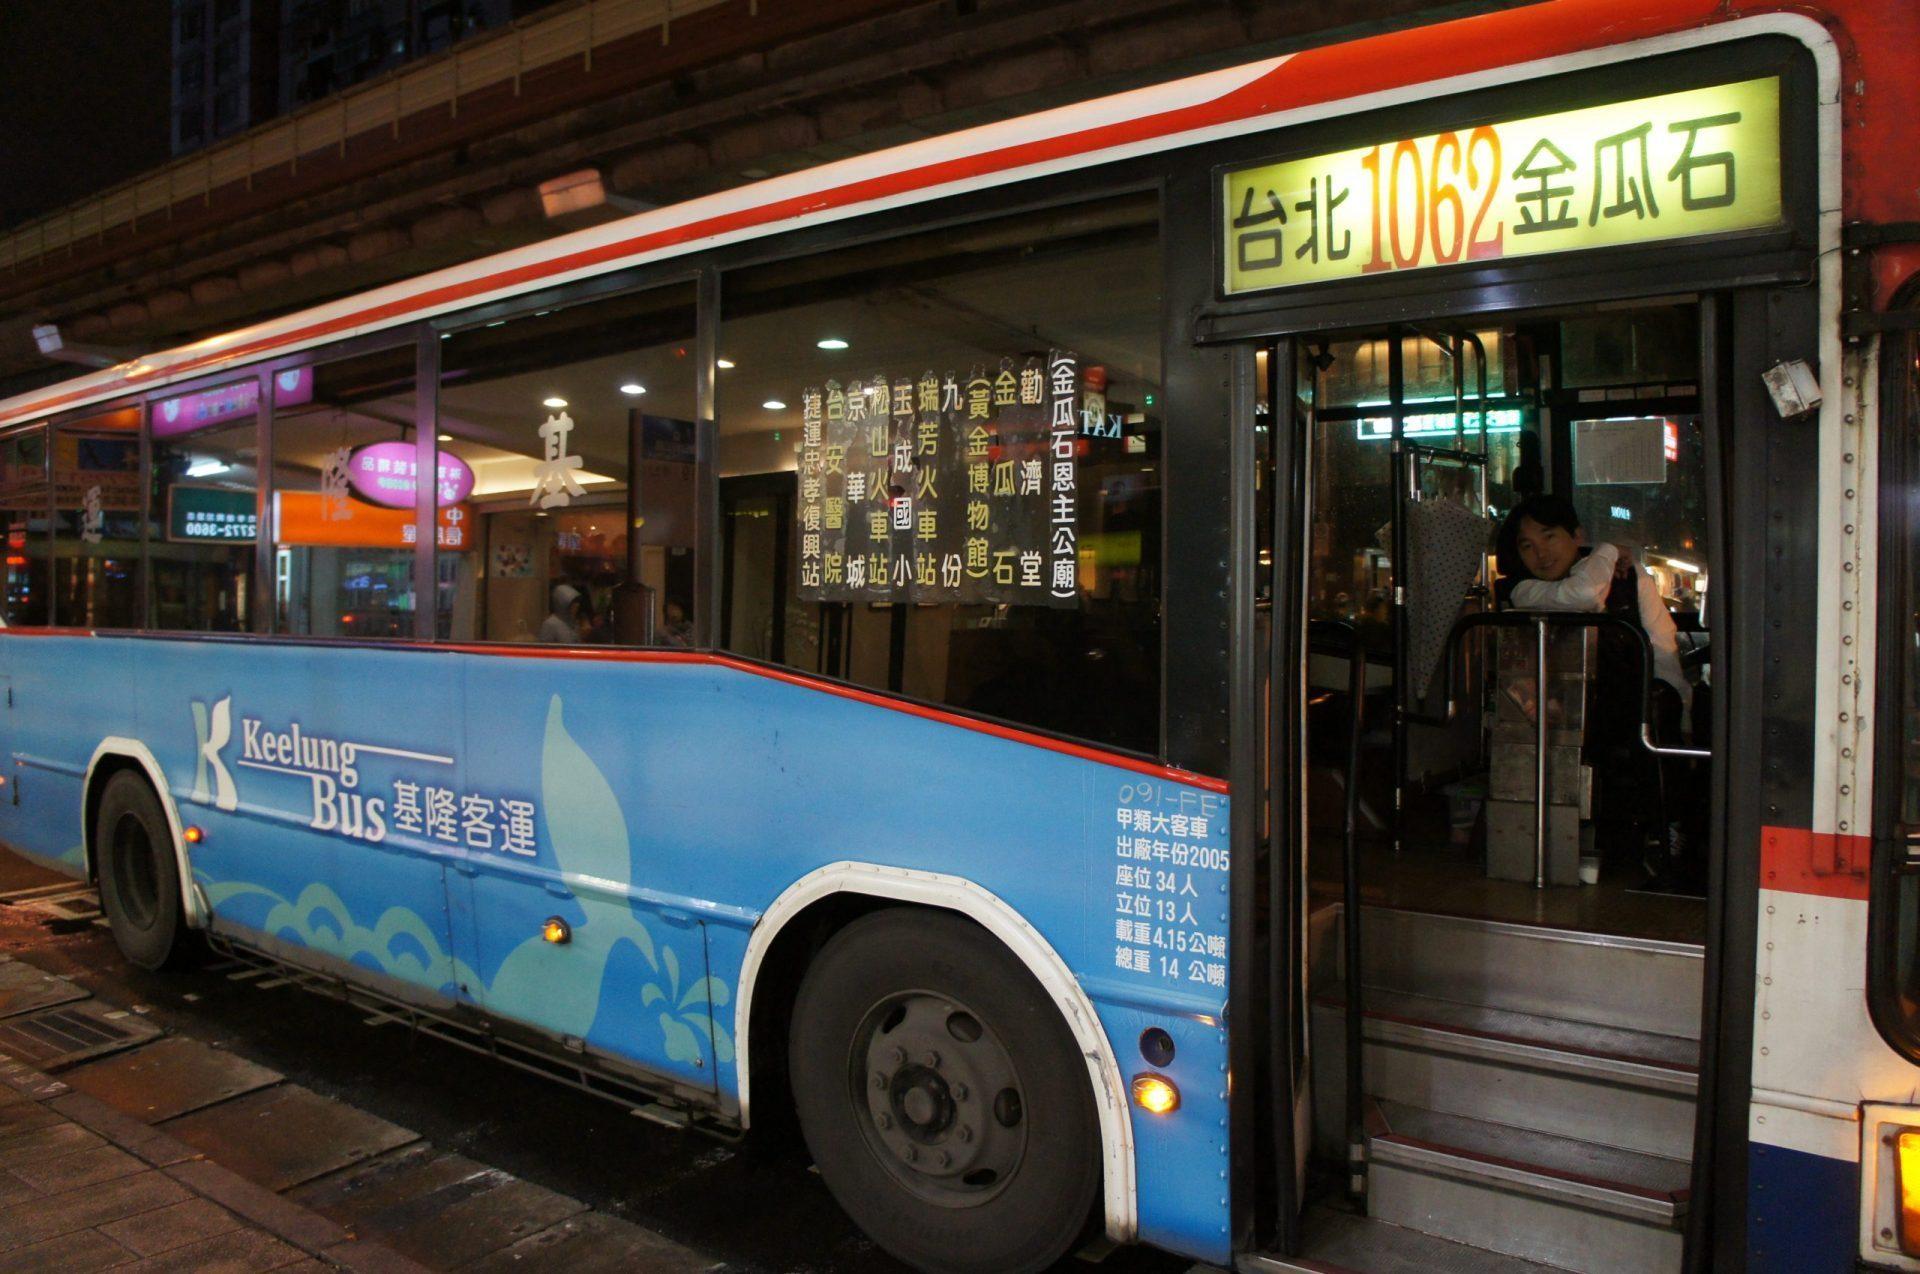 台湾九份行き方 1062番バス